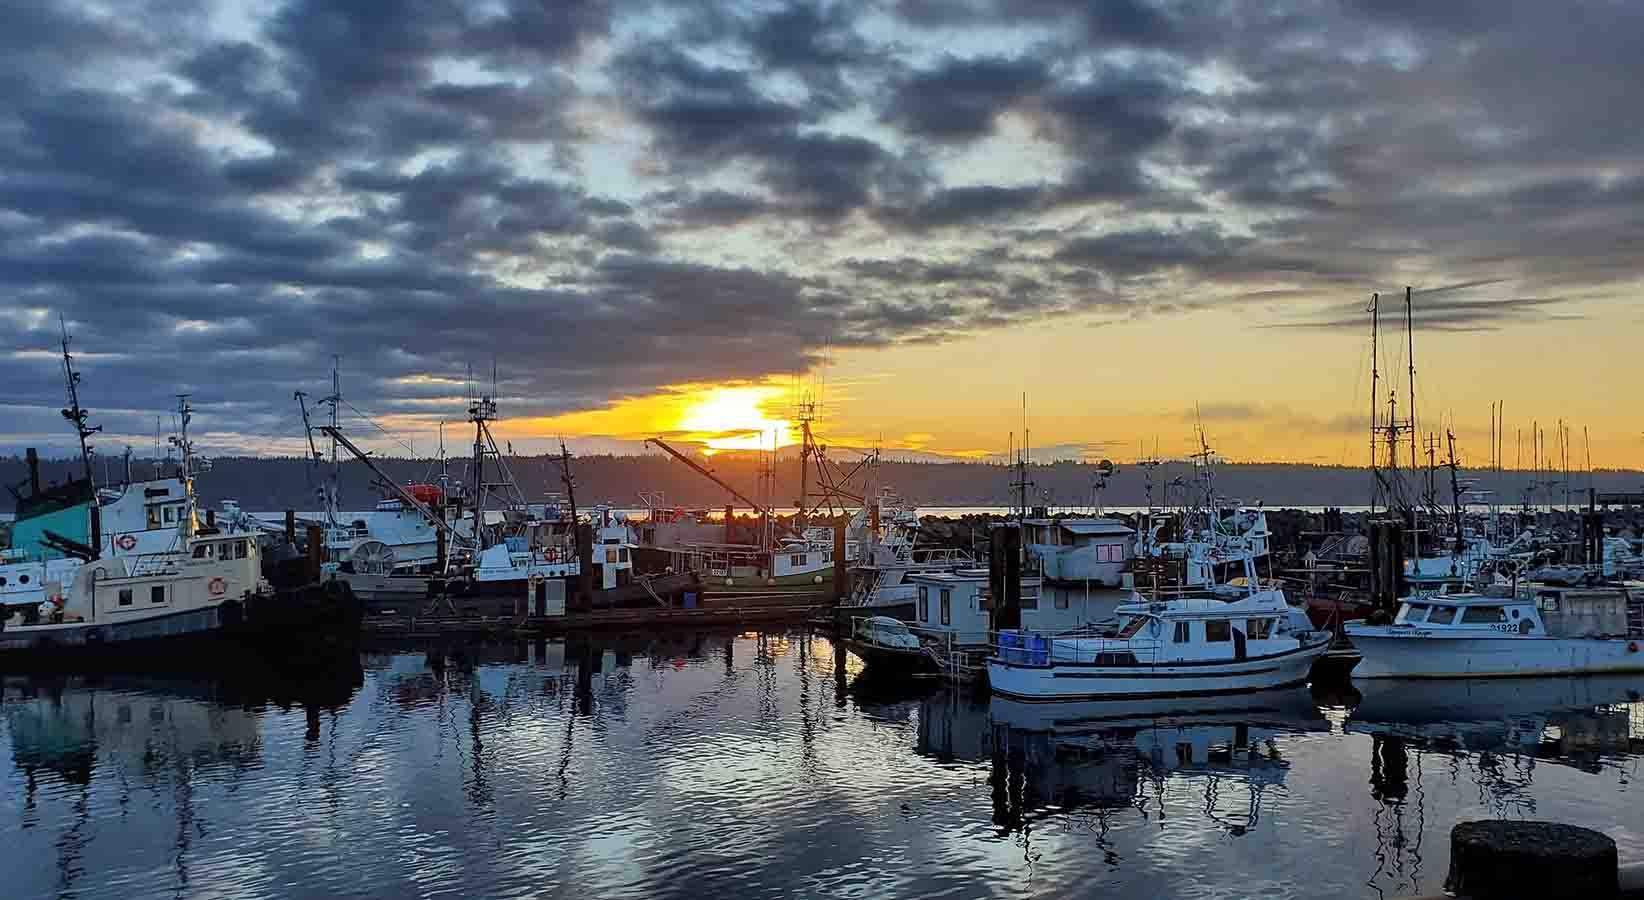 Campbell River marina at sunset